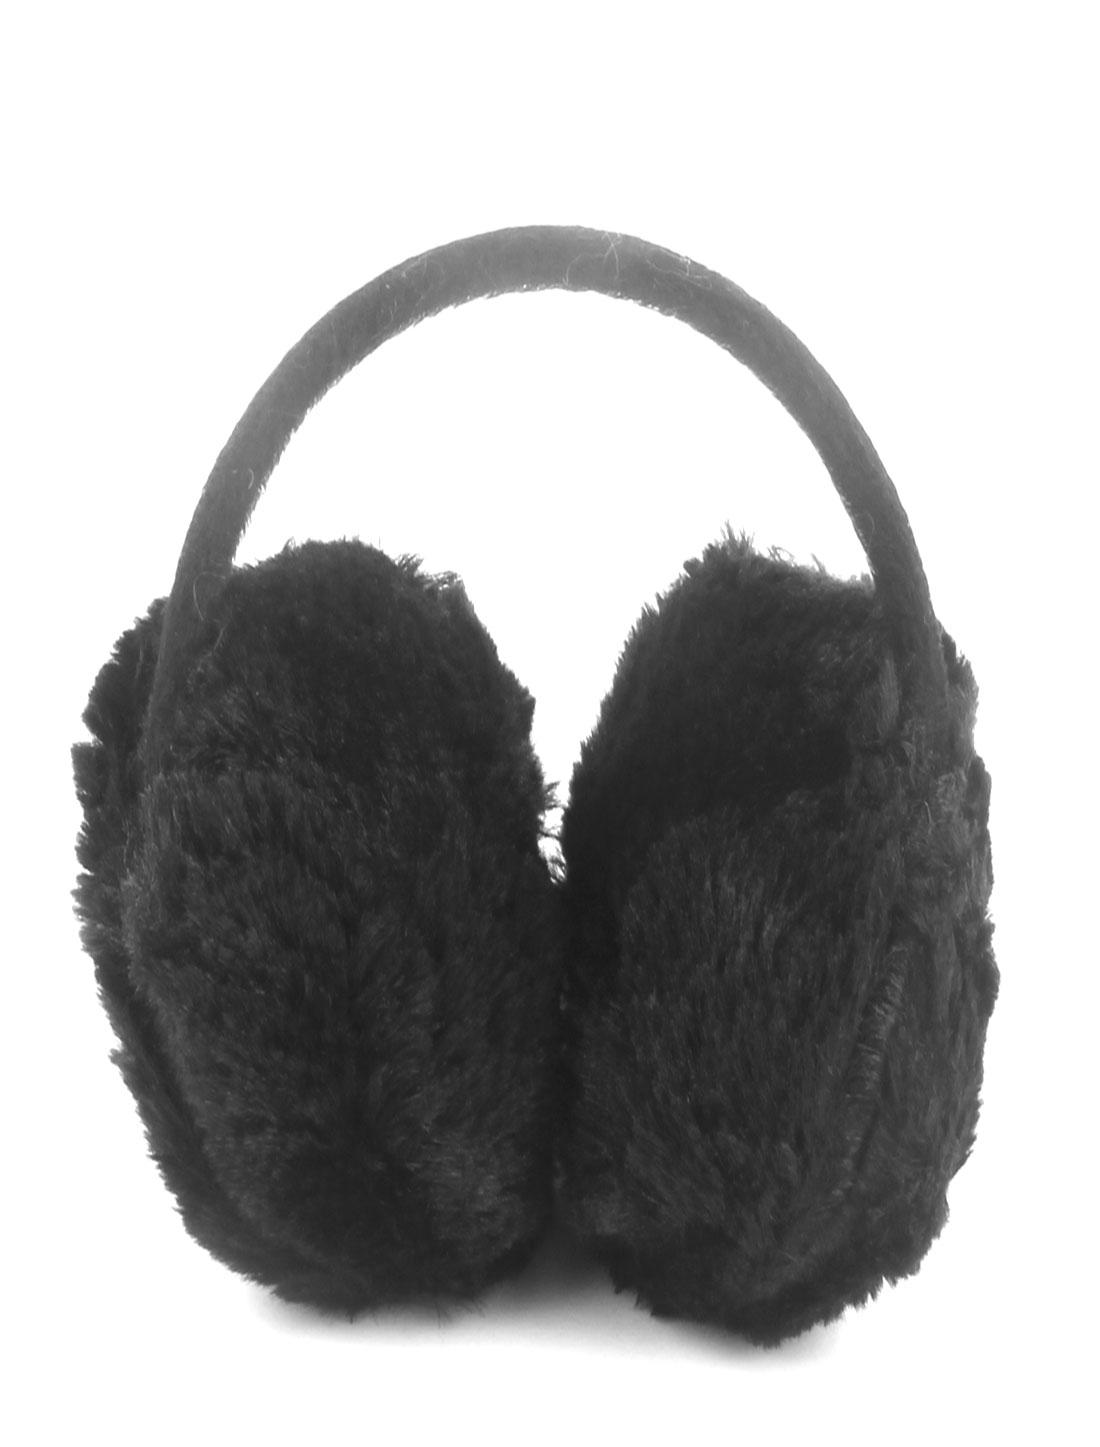 Outdoor Winter Metal Frame Plush Headwear Ear Protector Warmer Earmuff Earflap Black